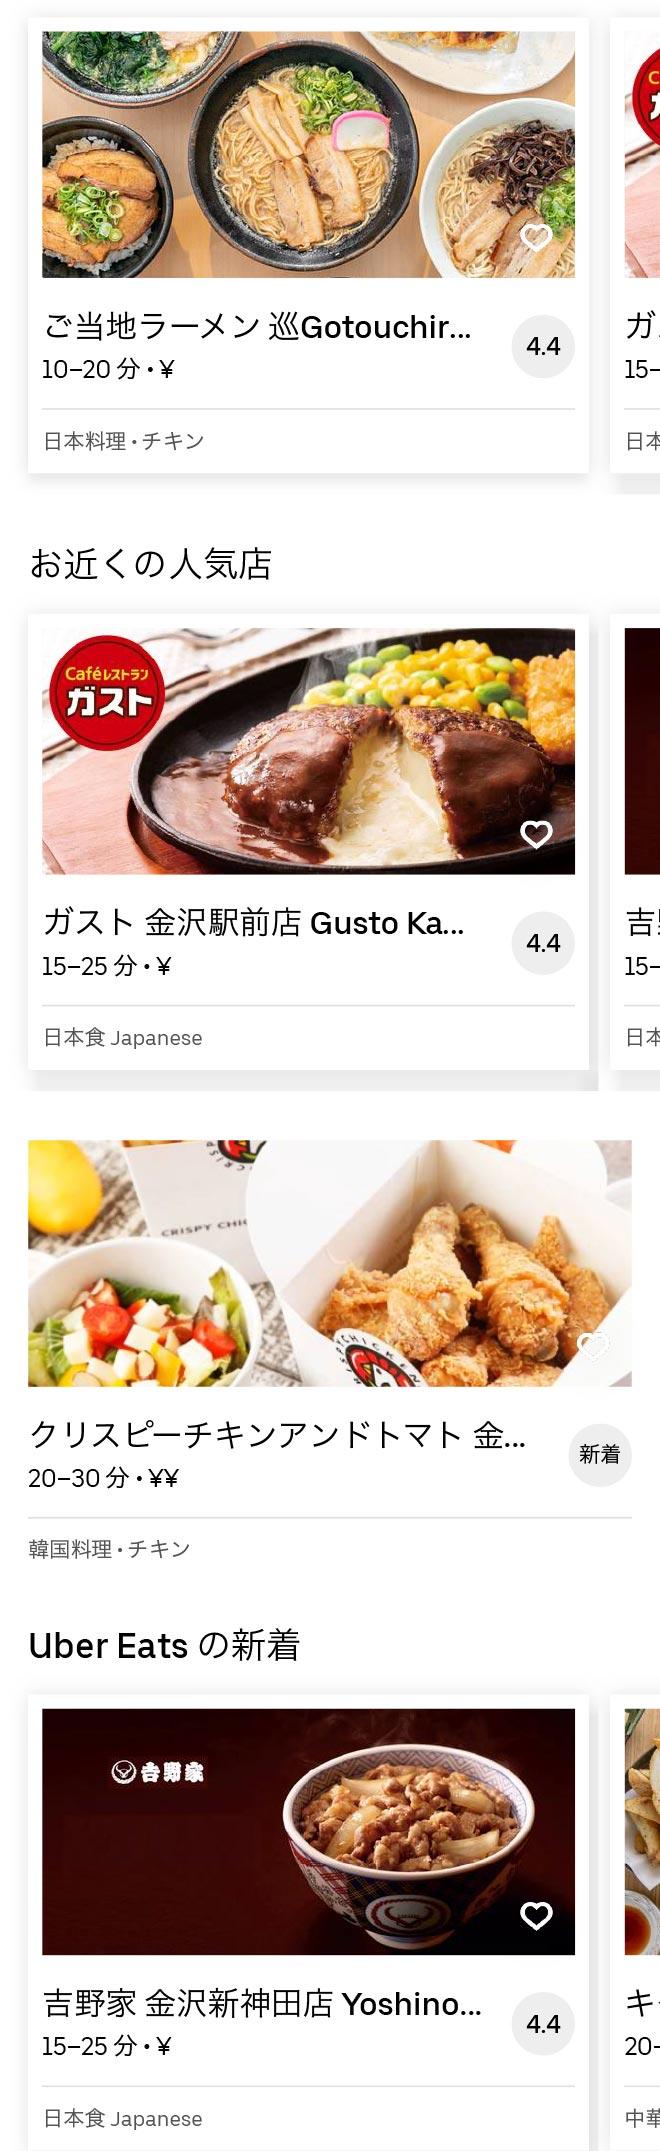 Kanazawa menu 2005 01